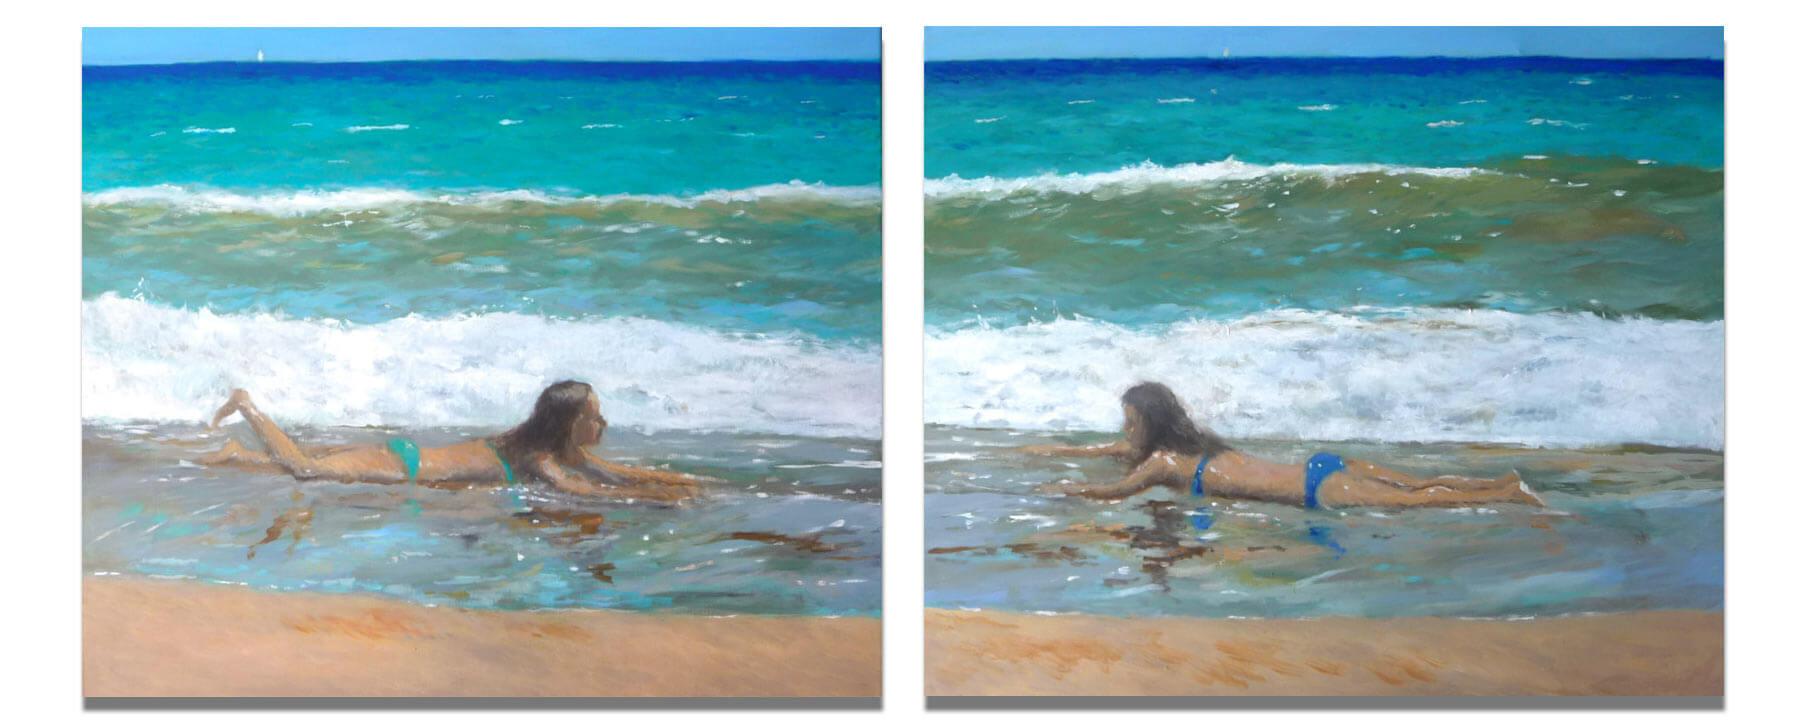 Diptico de dos cuadros al oleo de una escena de playa.